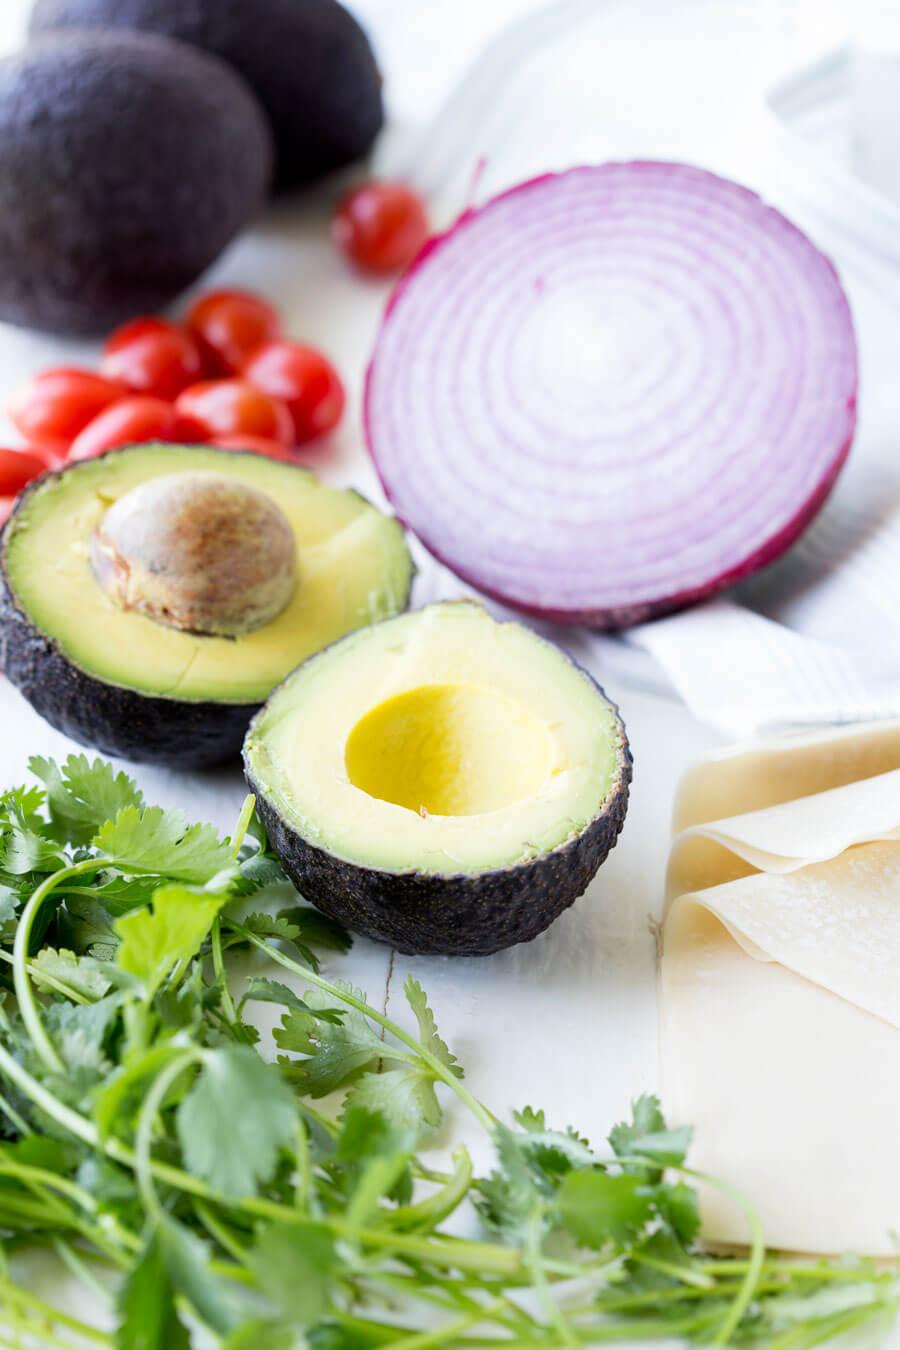 Avocado Egg Roll with creamy avocado ranch dipping sauce